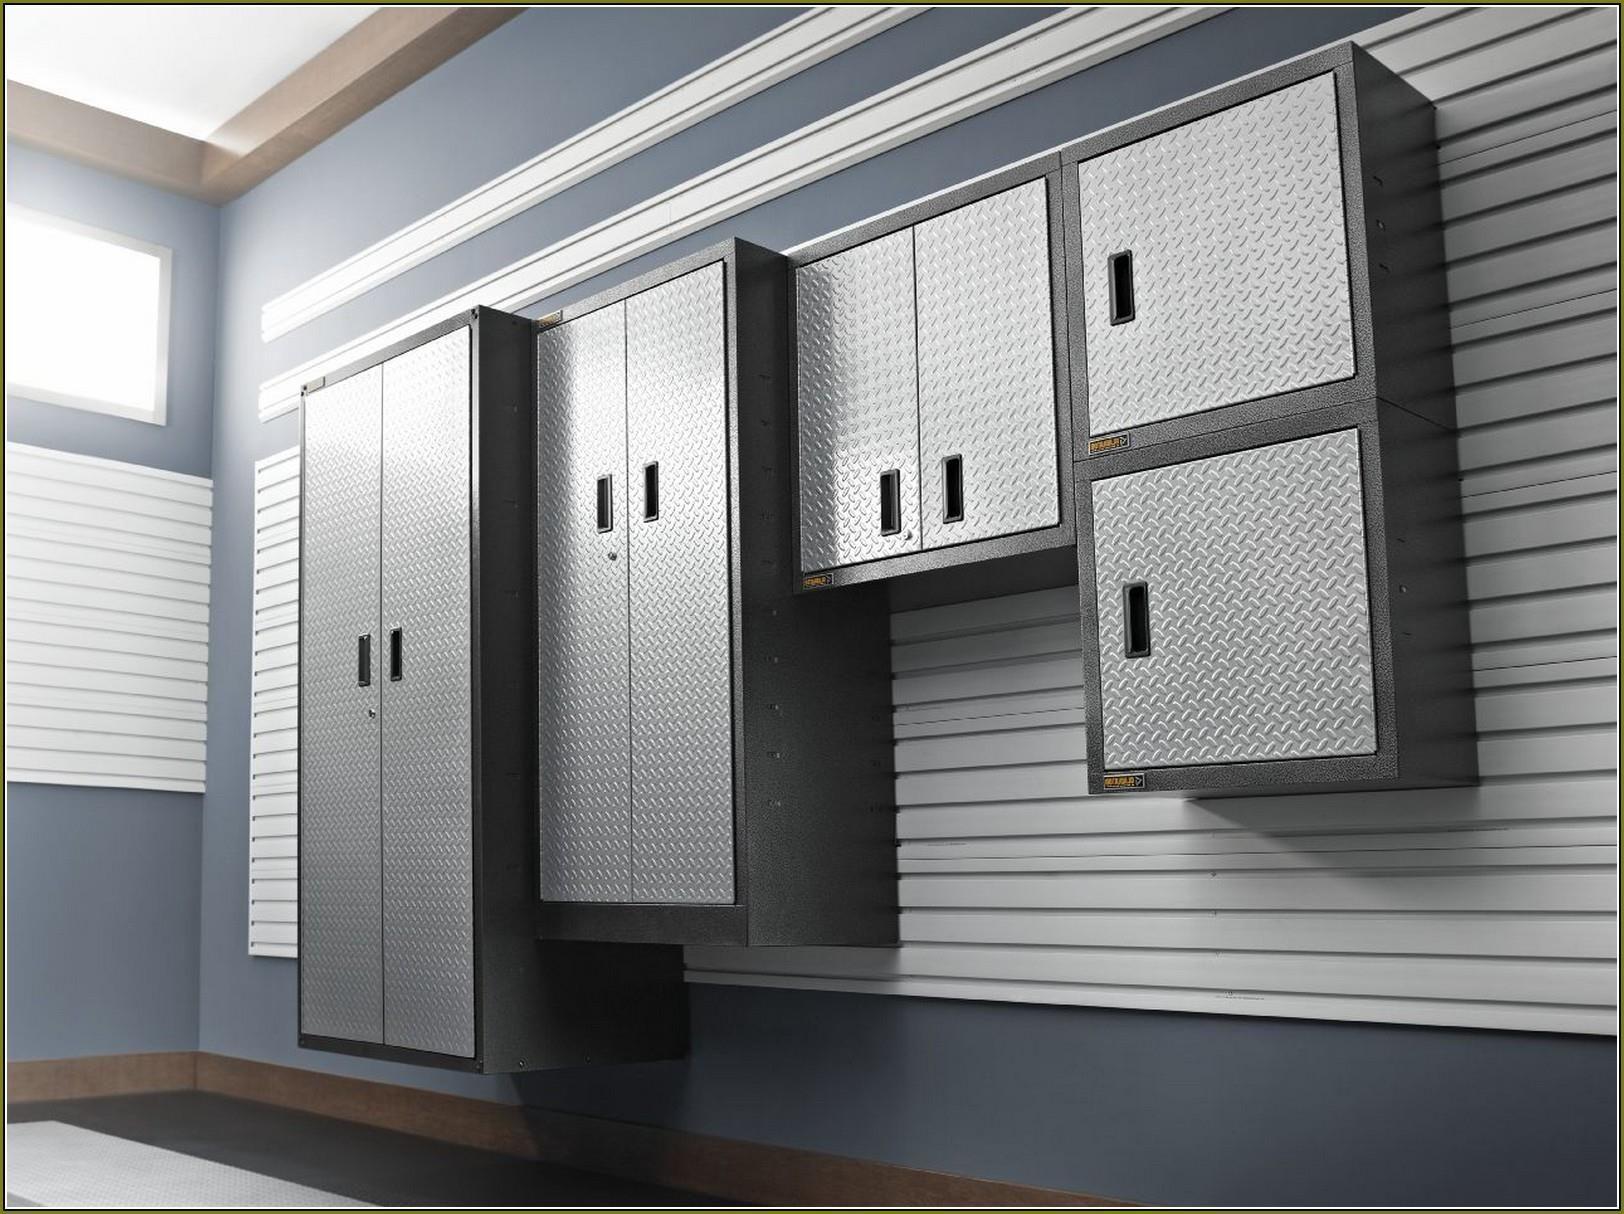 Metal Garage Storage Cabinets Sears Diy Garage Storage Cabinets